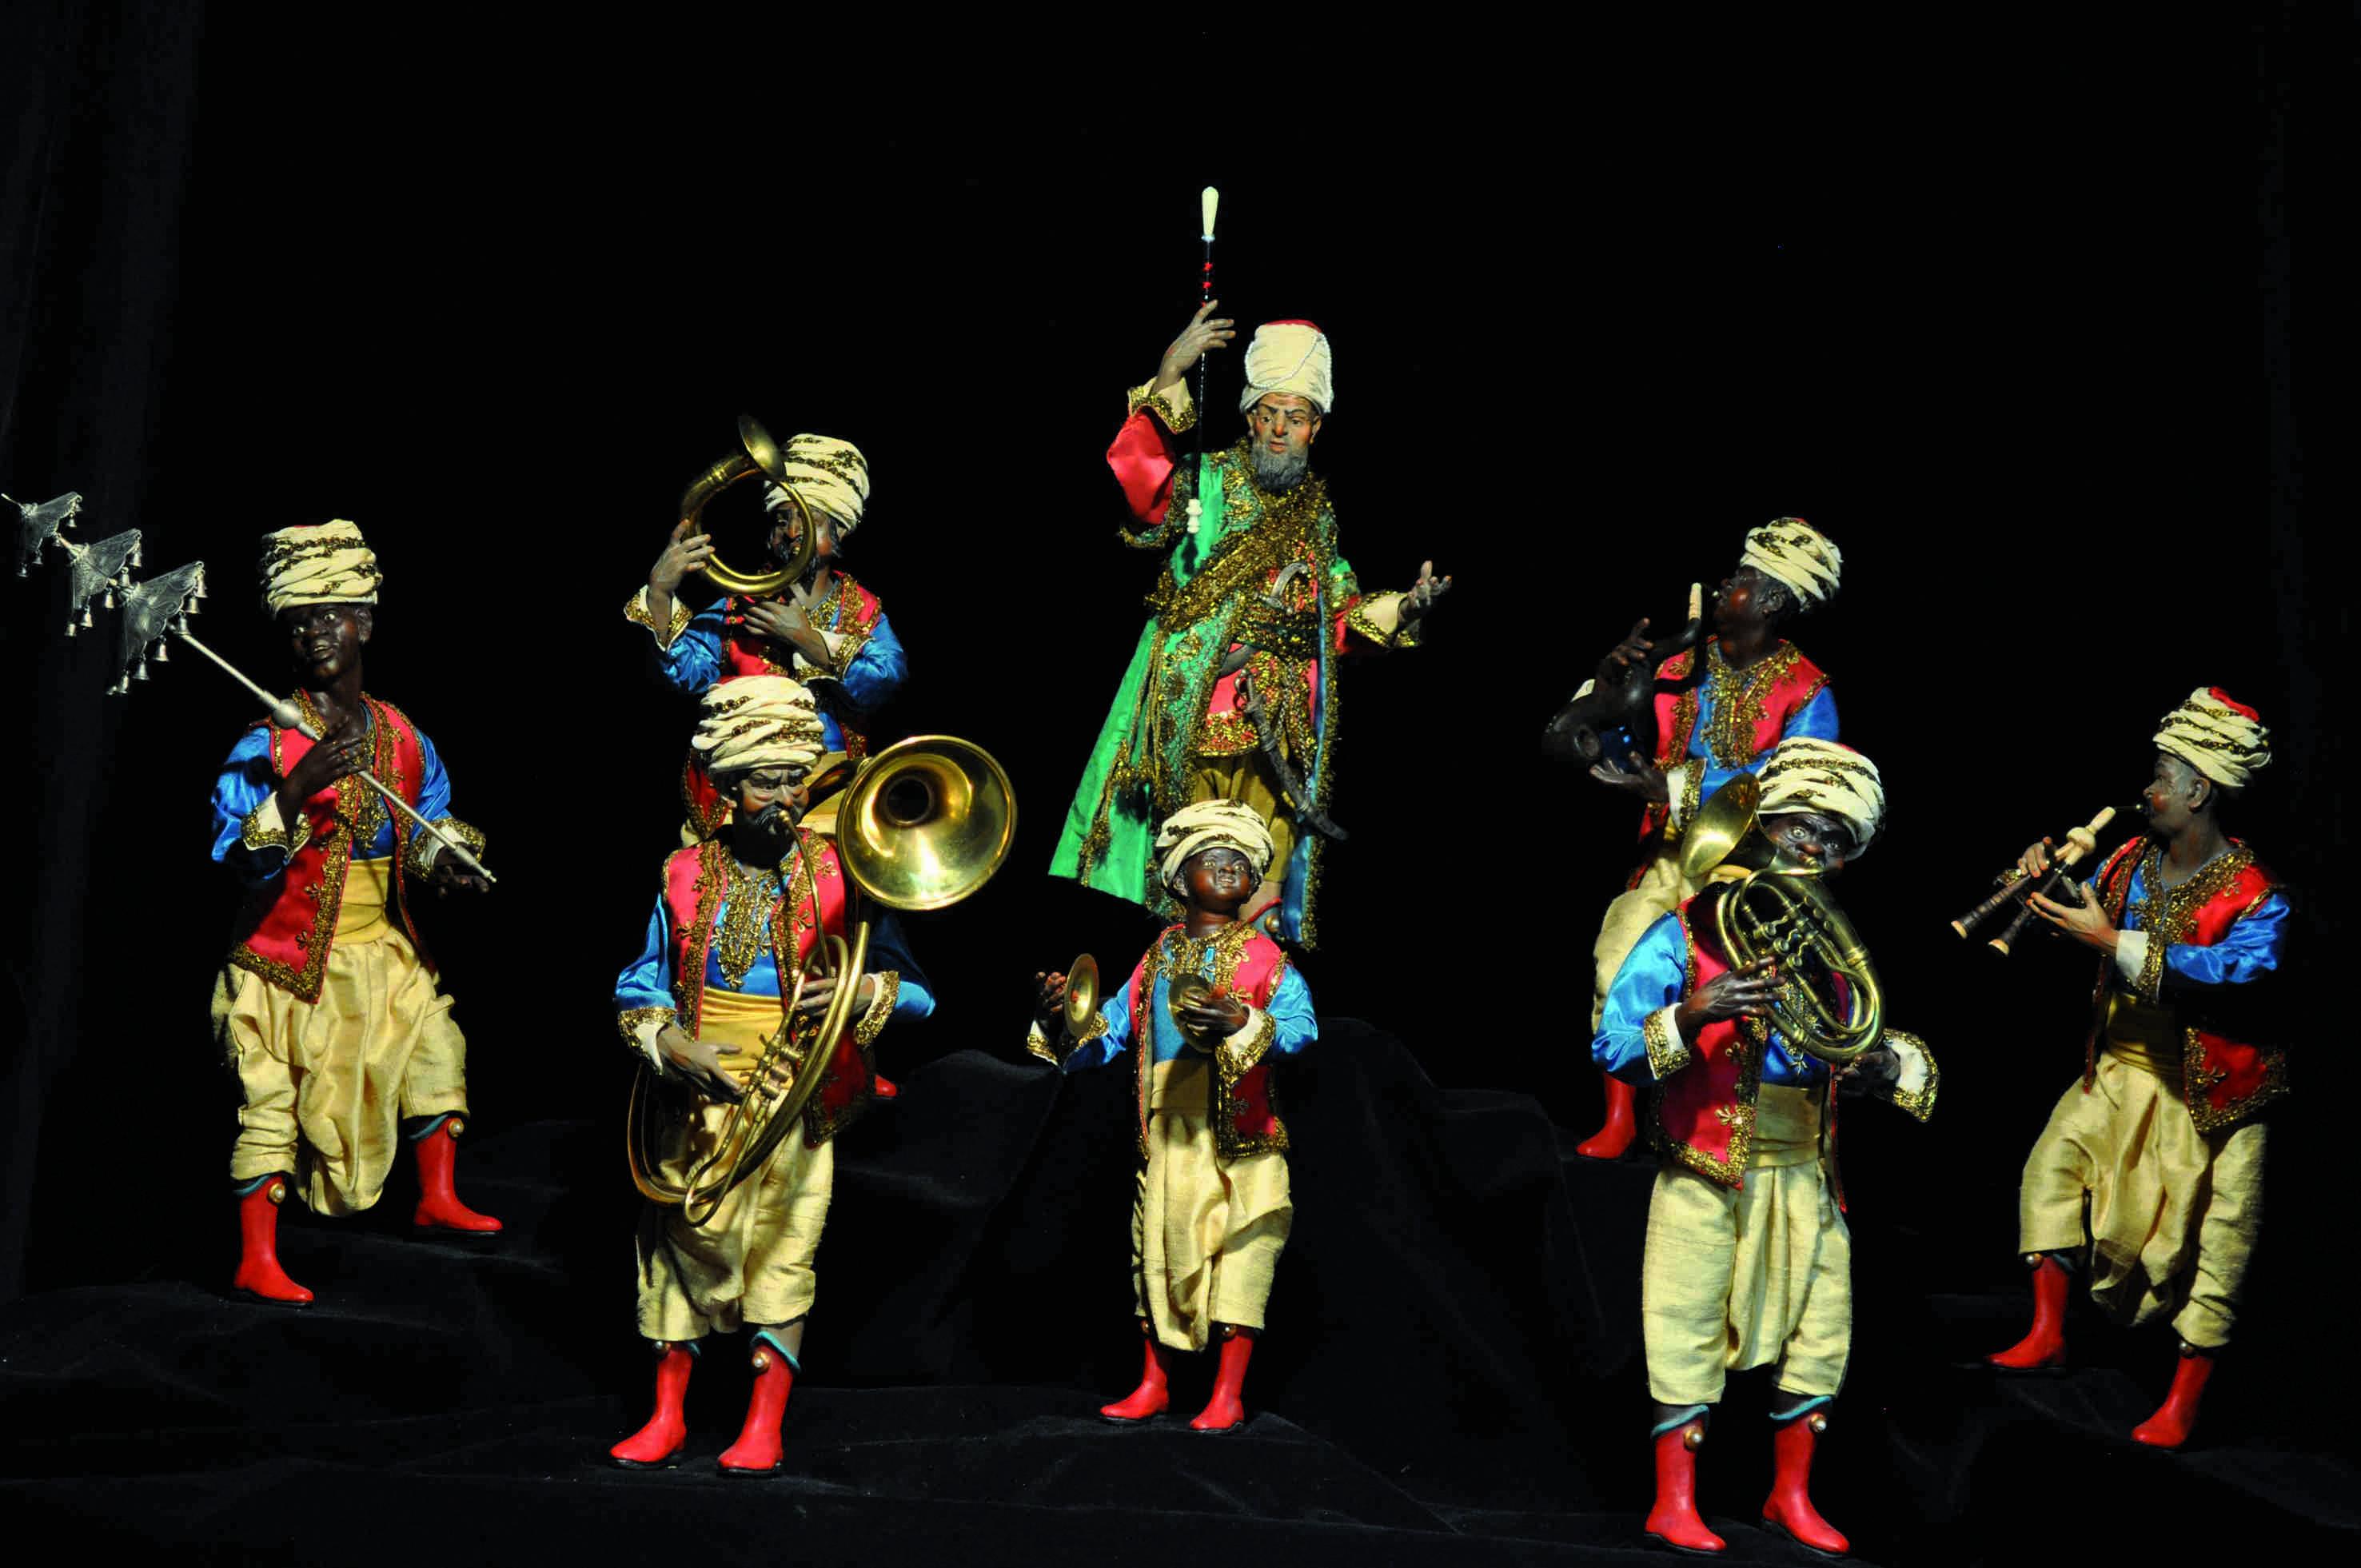 CONTI banda ottomana